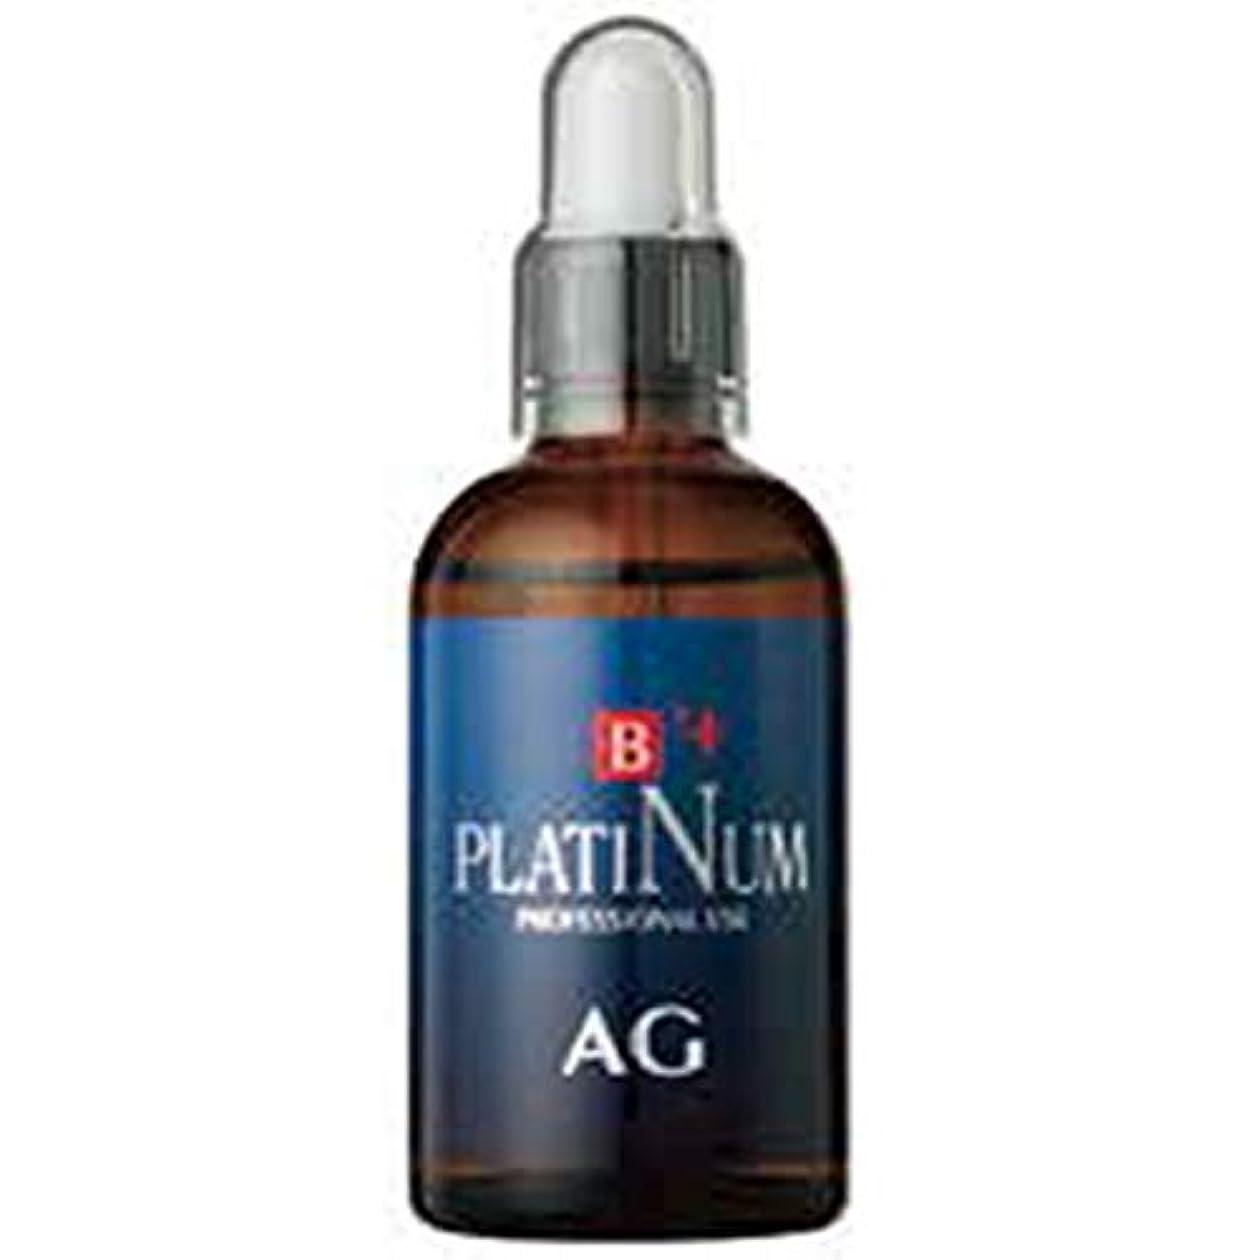 最初に遠足士気【ビューティー プラチナム】 PLATINUM B'+  アルジレリン16%(+シンーエイク配合 高濃度美容液)  リフトアップ専用:100ml